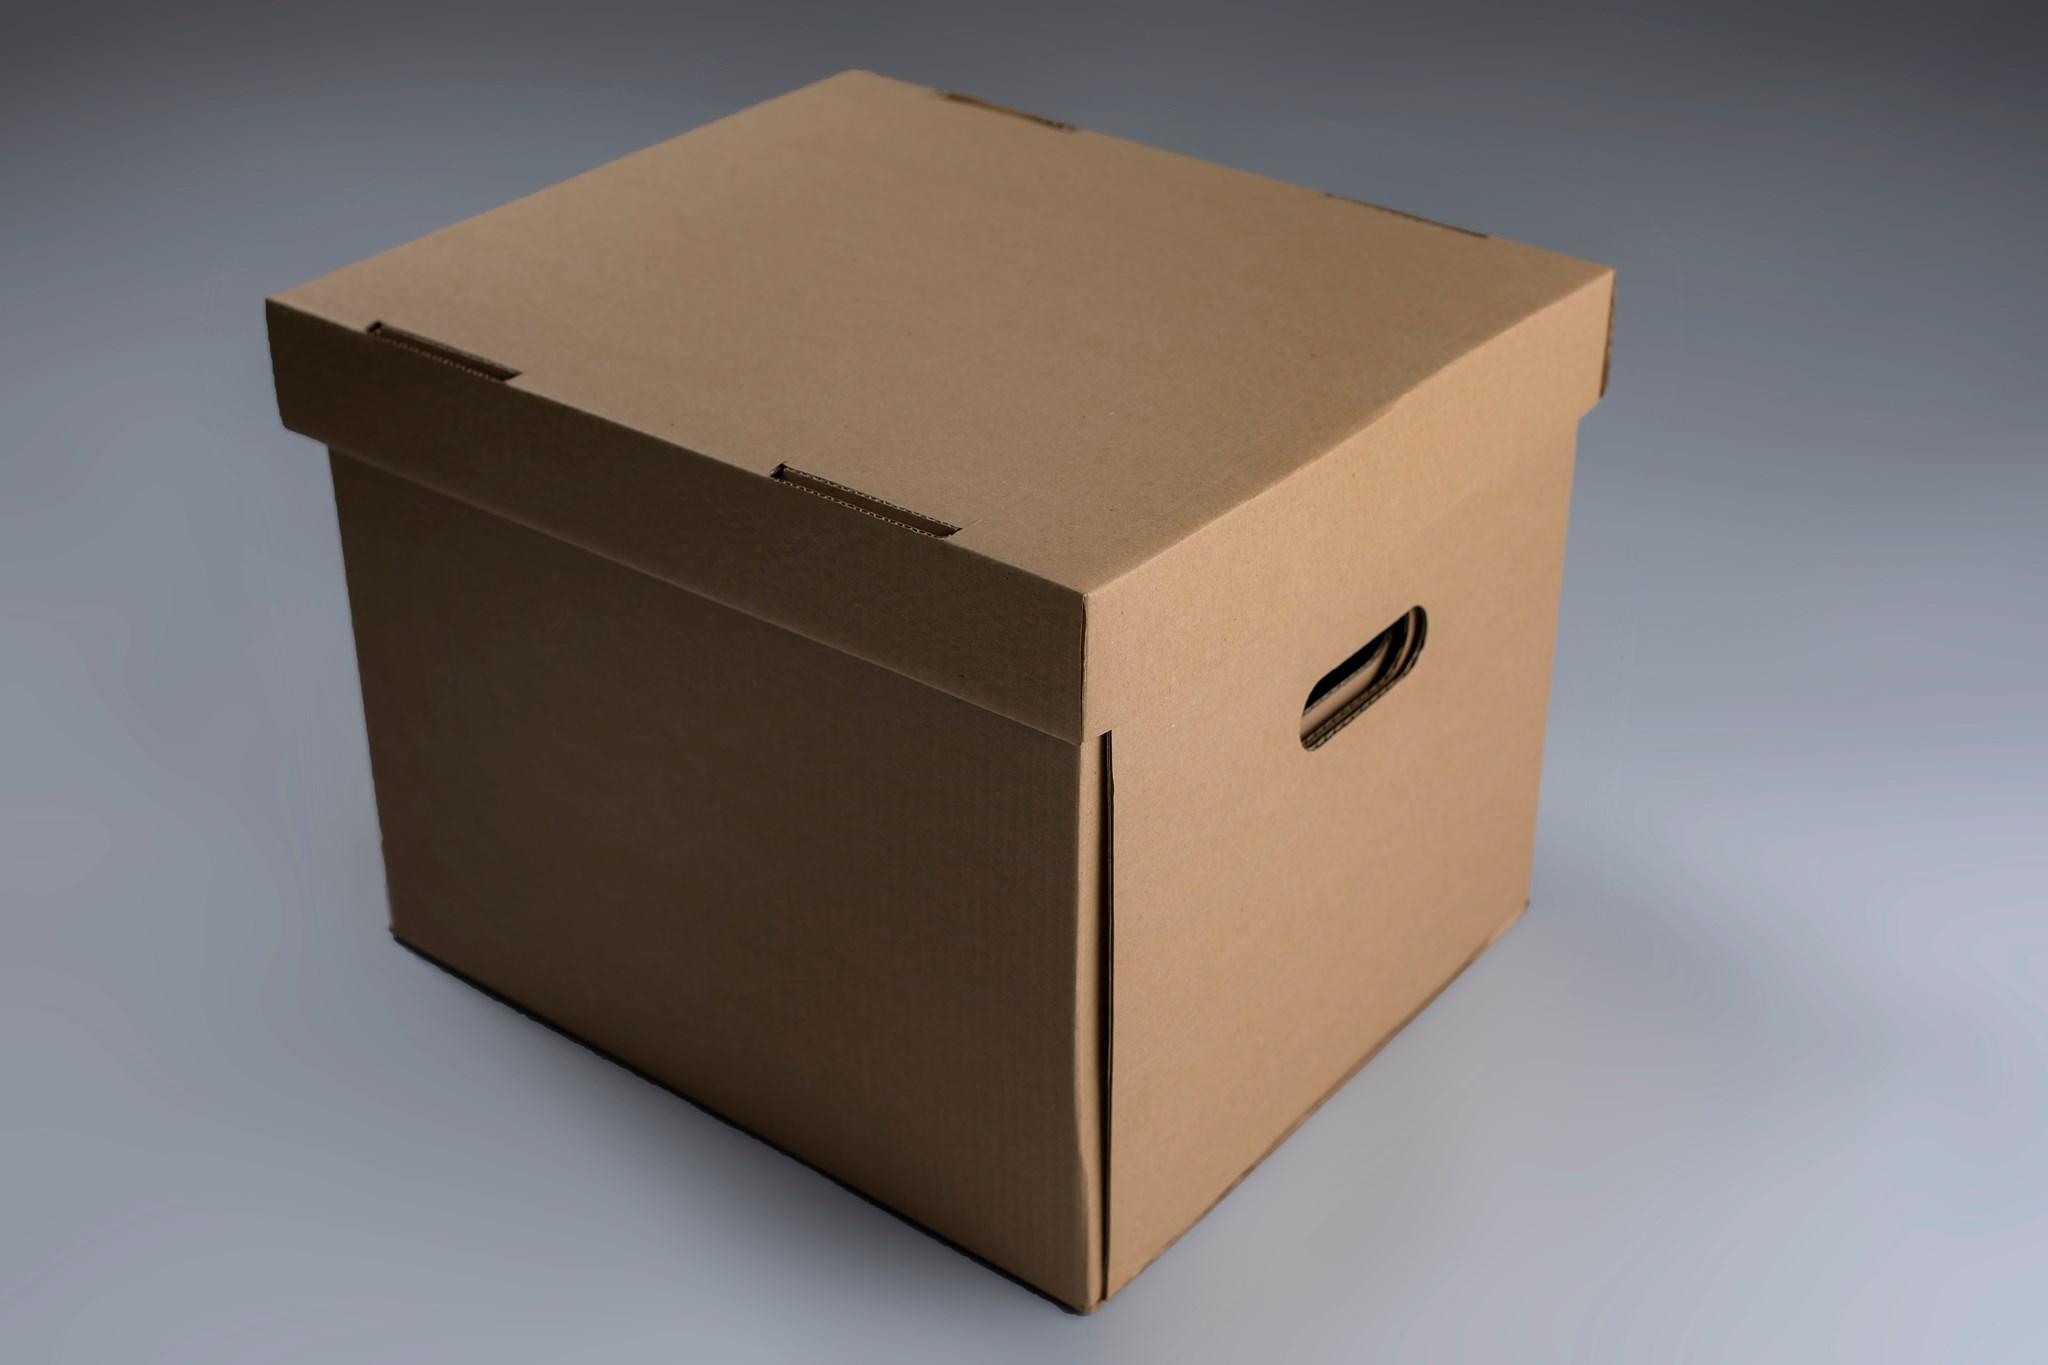 გადასაზიდი მუყაოს ყუთები